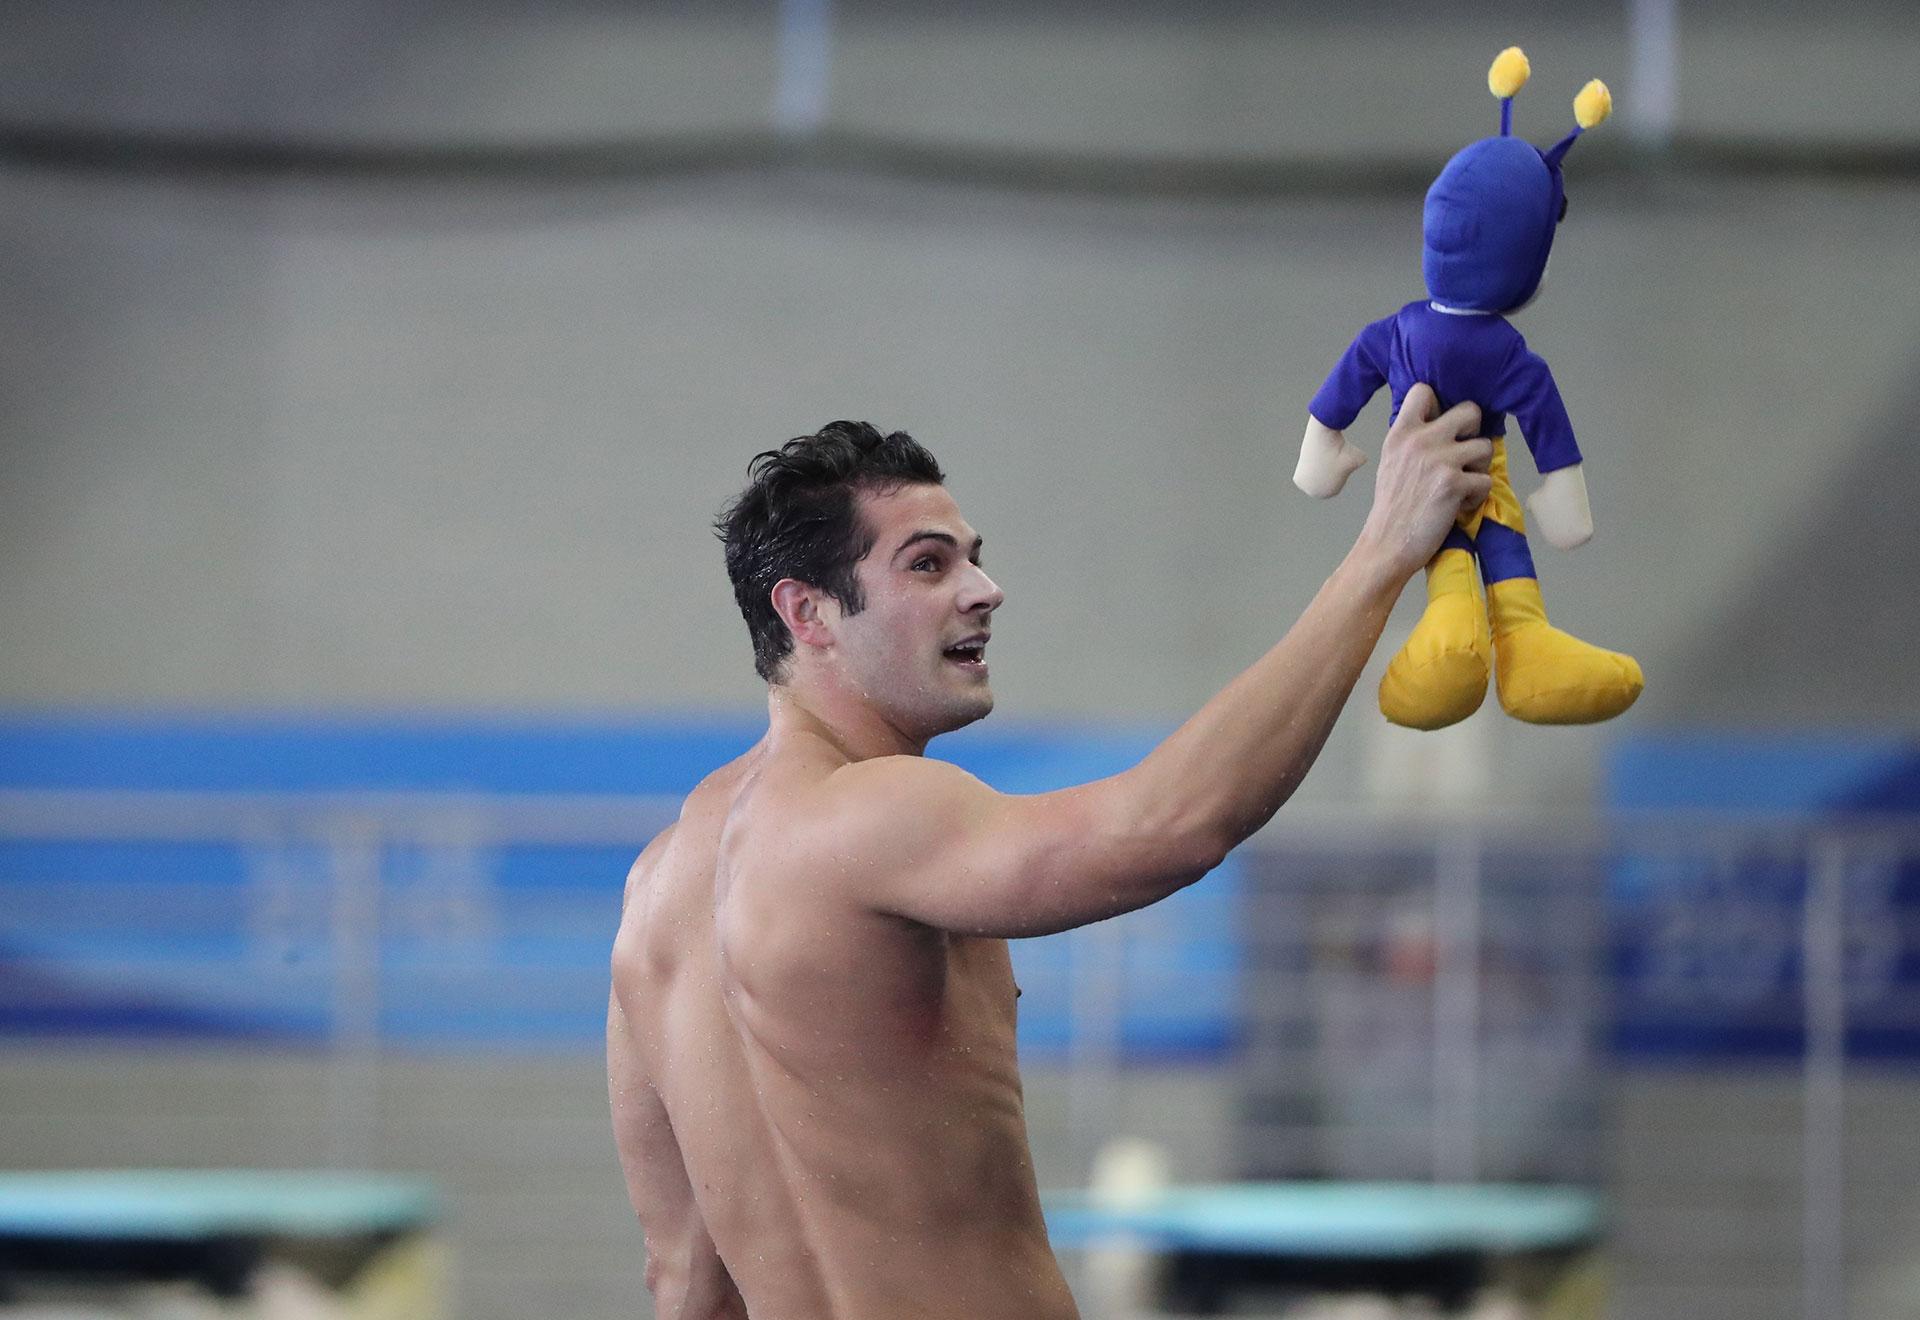 El brasileño Marcelo Chierighini celebra tras ganar la final del los 100 metros estilo libre de natación masculinos